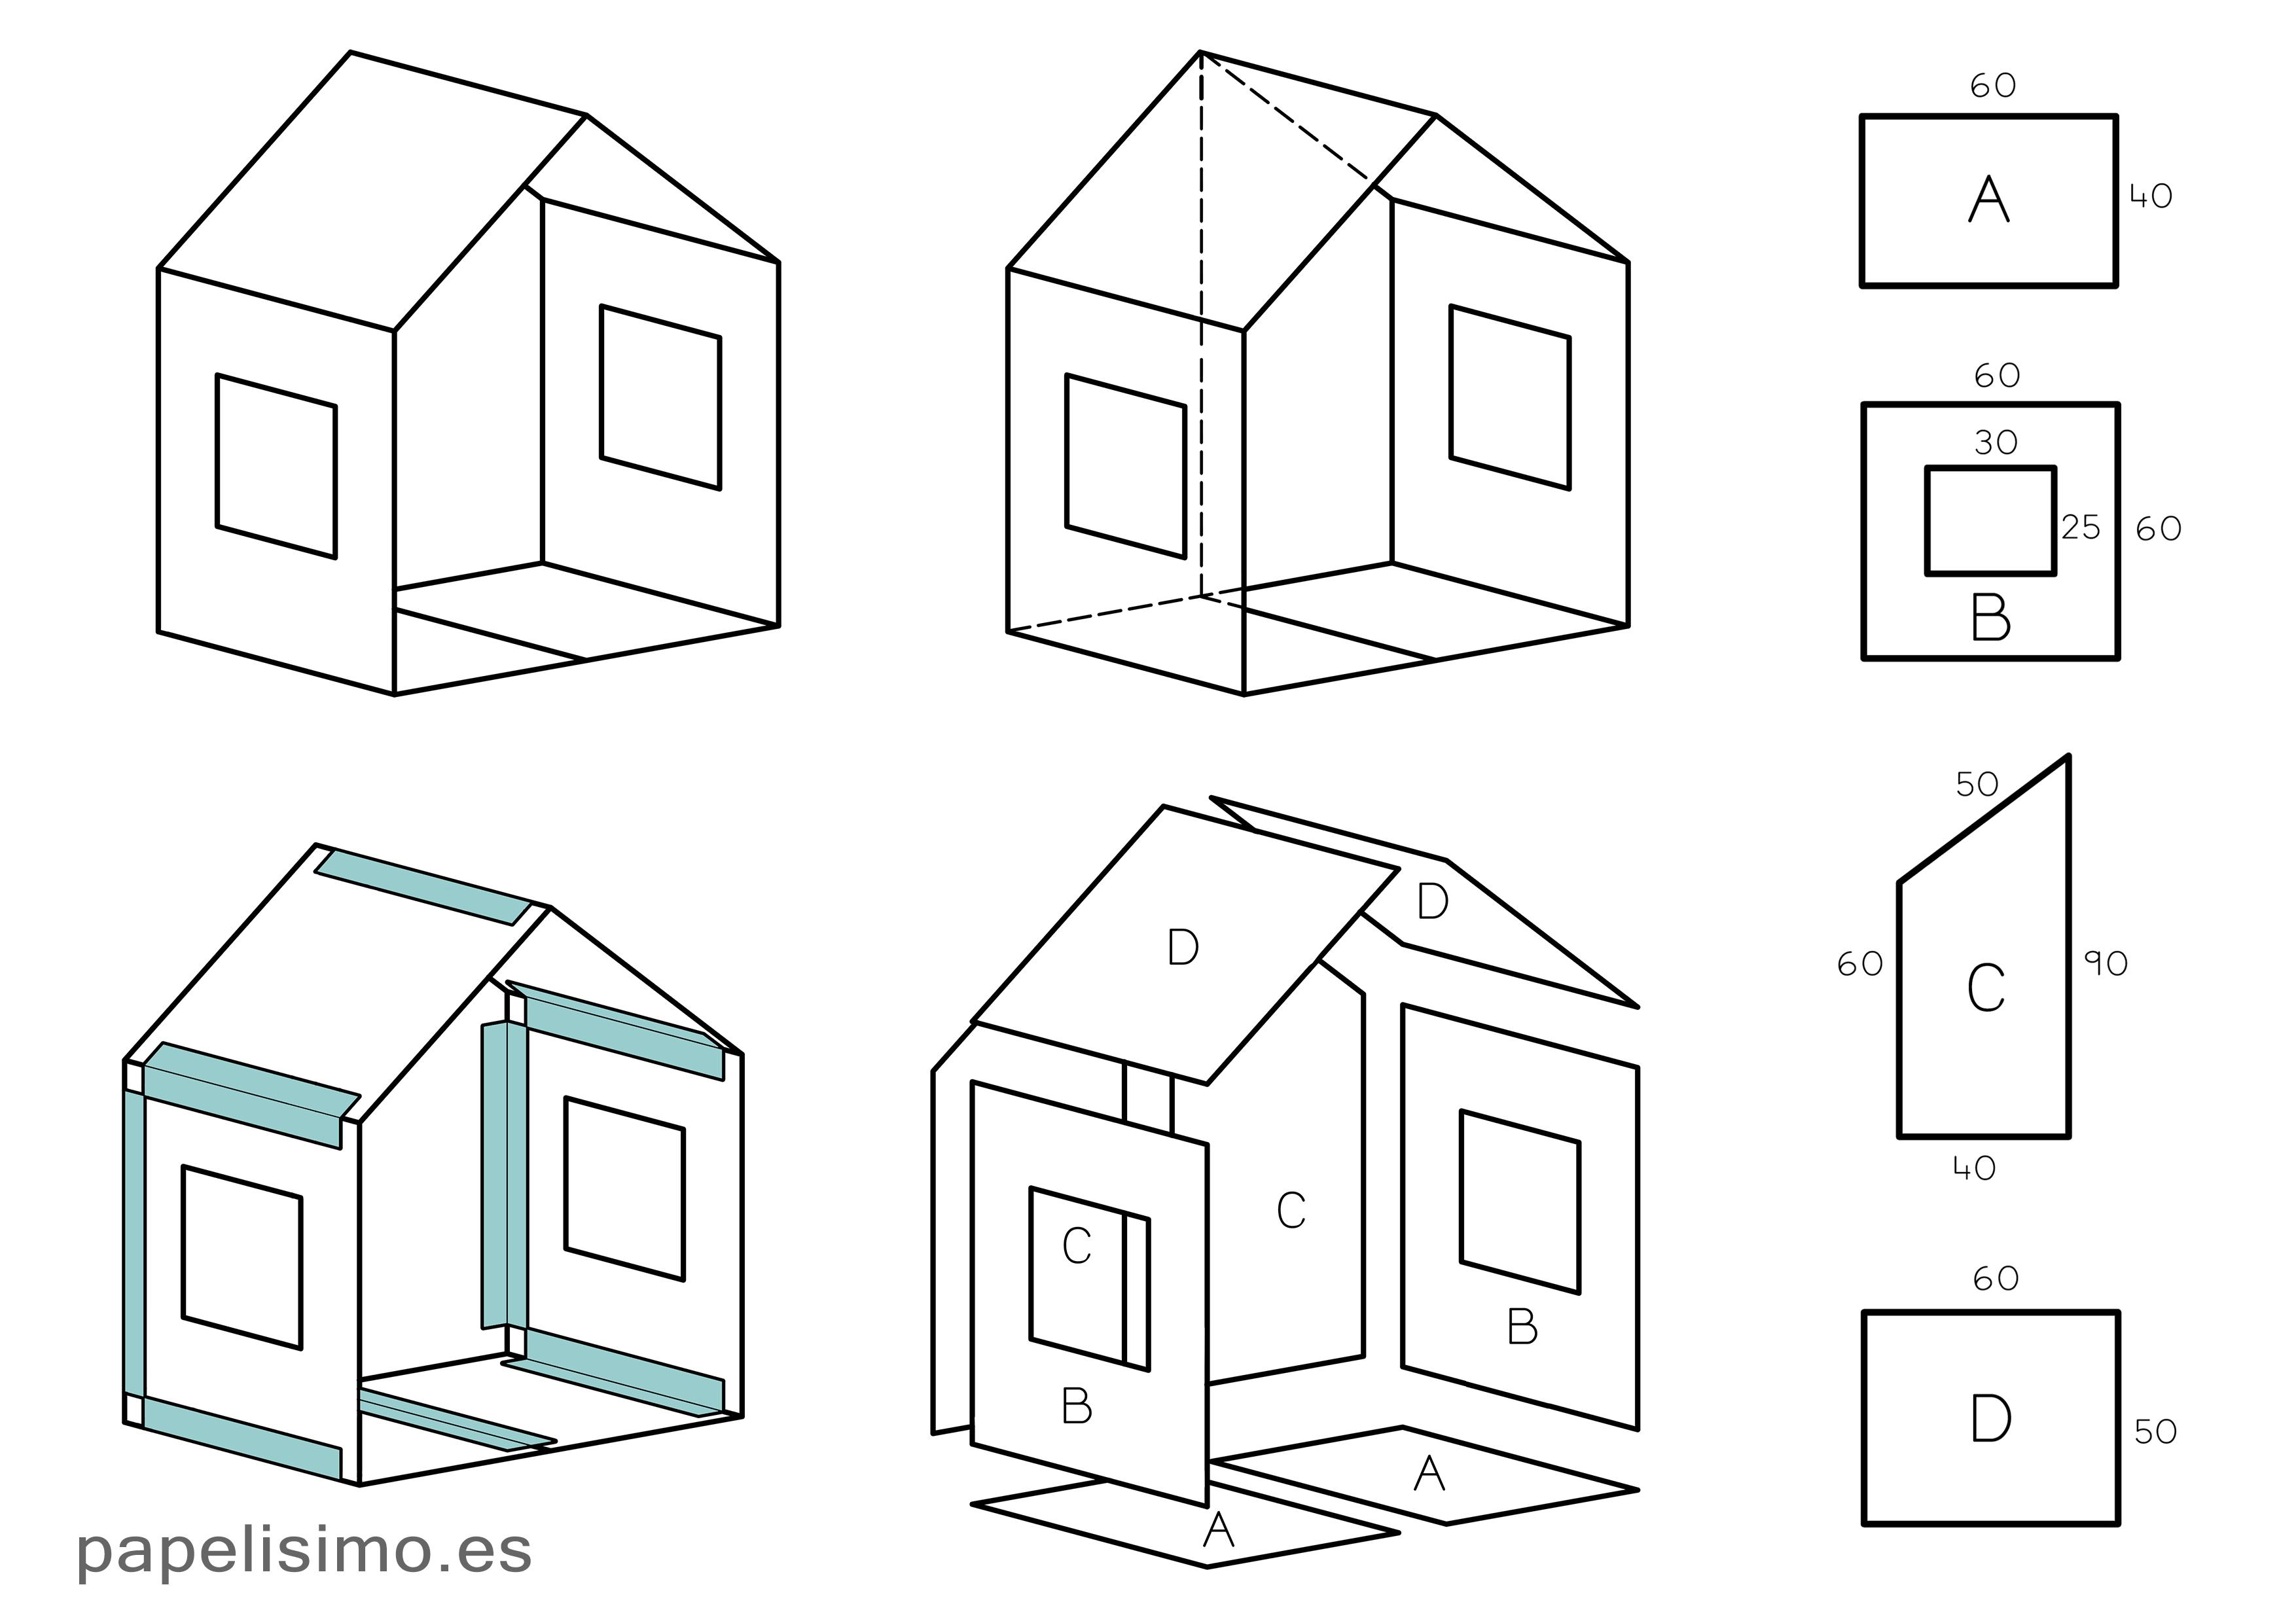 Como Hacer Casa De Cartón Con Medidas Cardboard House Casas De Cartón Casa De Cartón Casa De Muñecas De Cartón